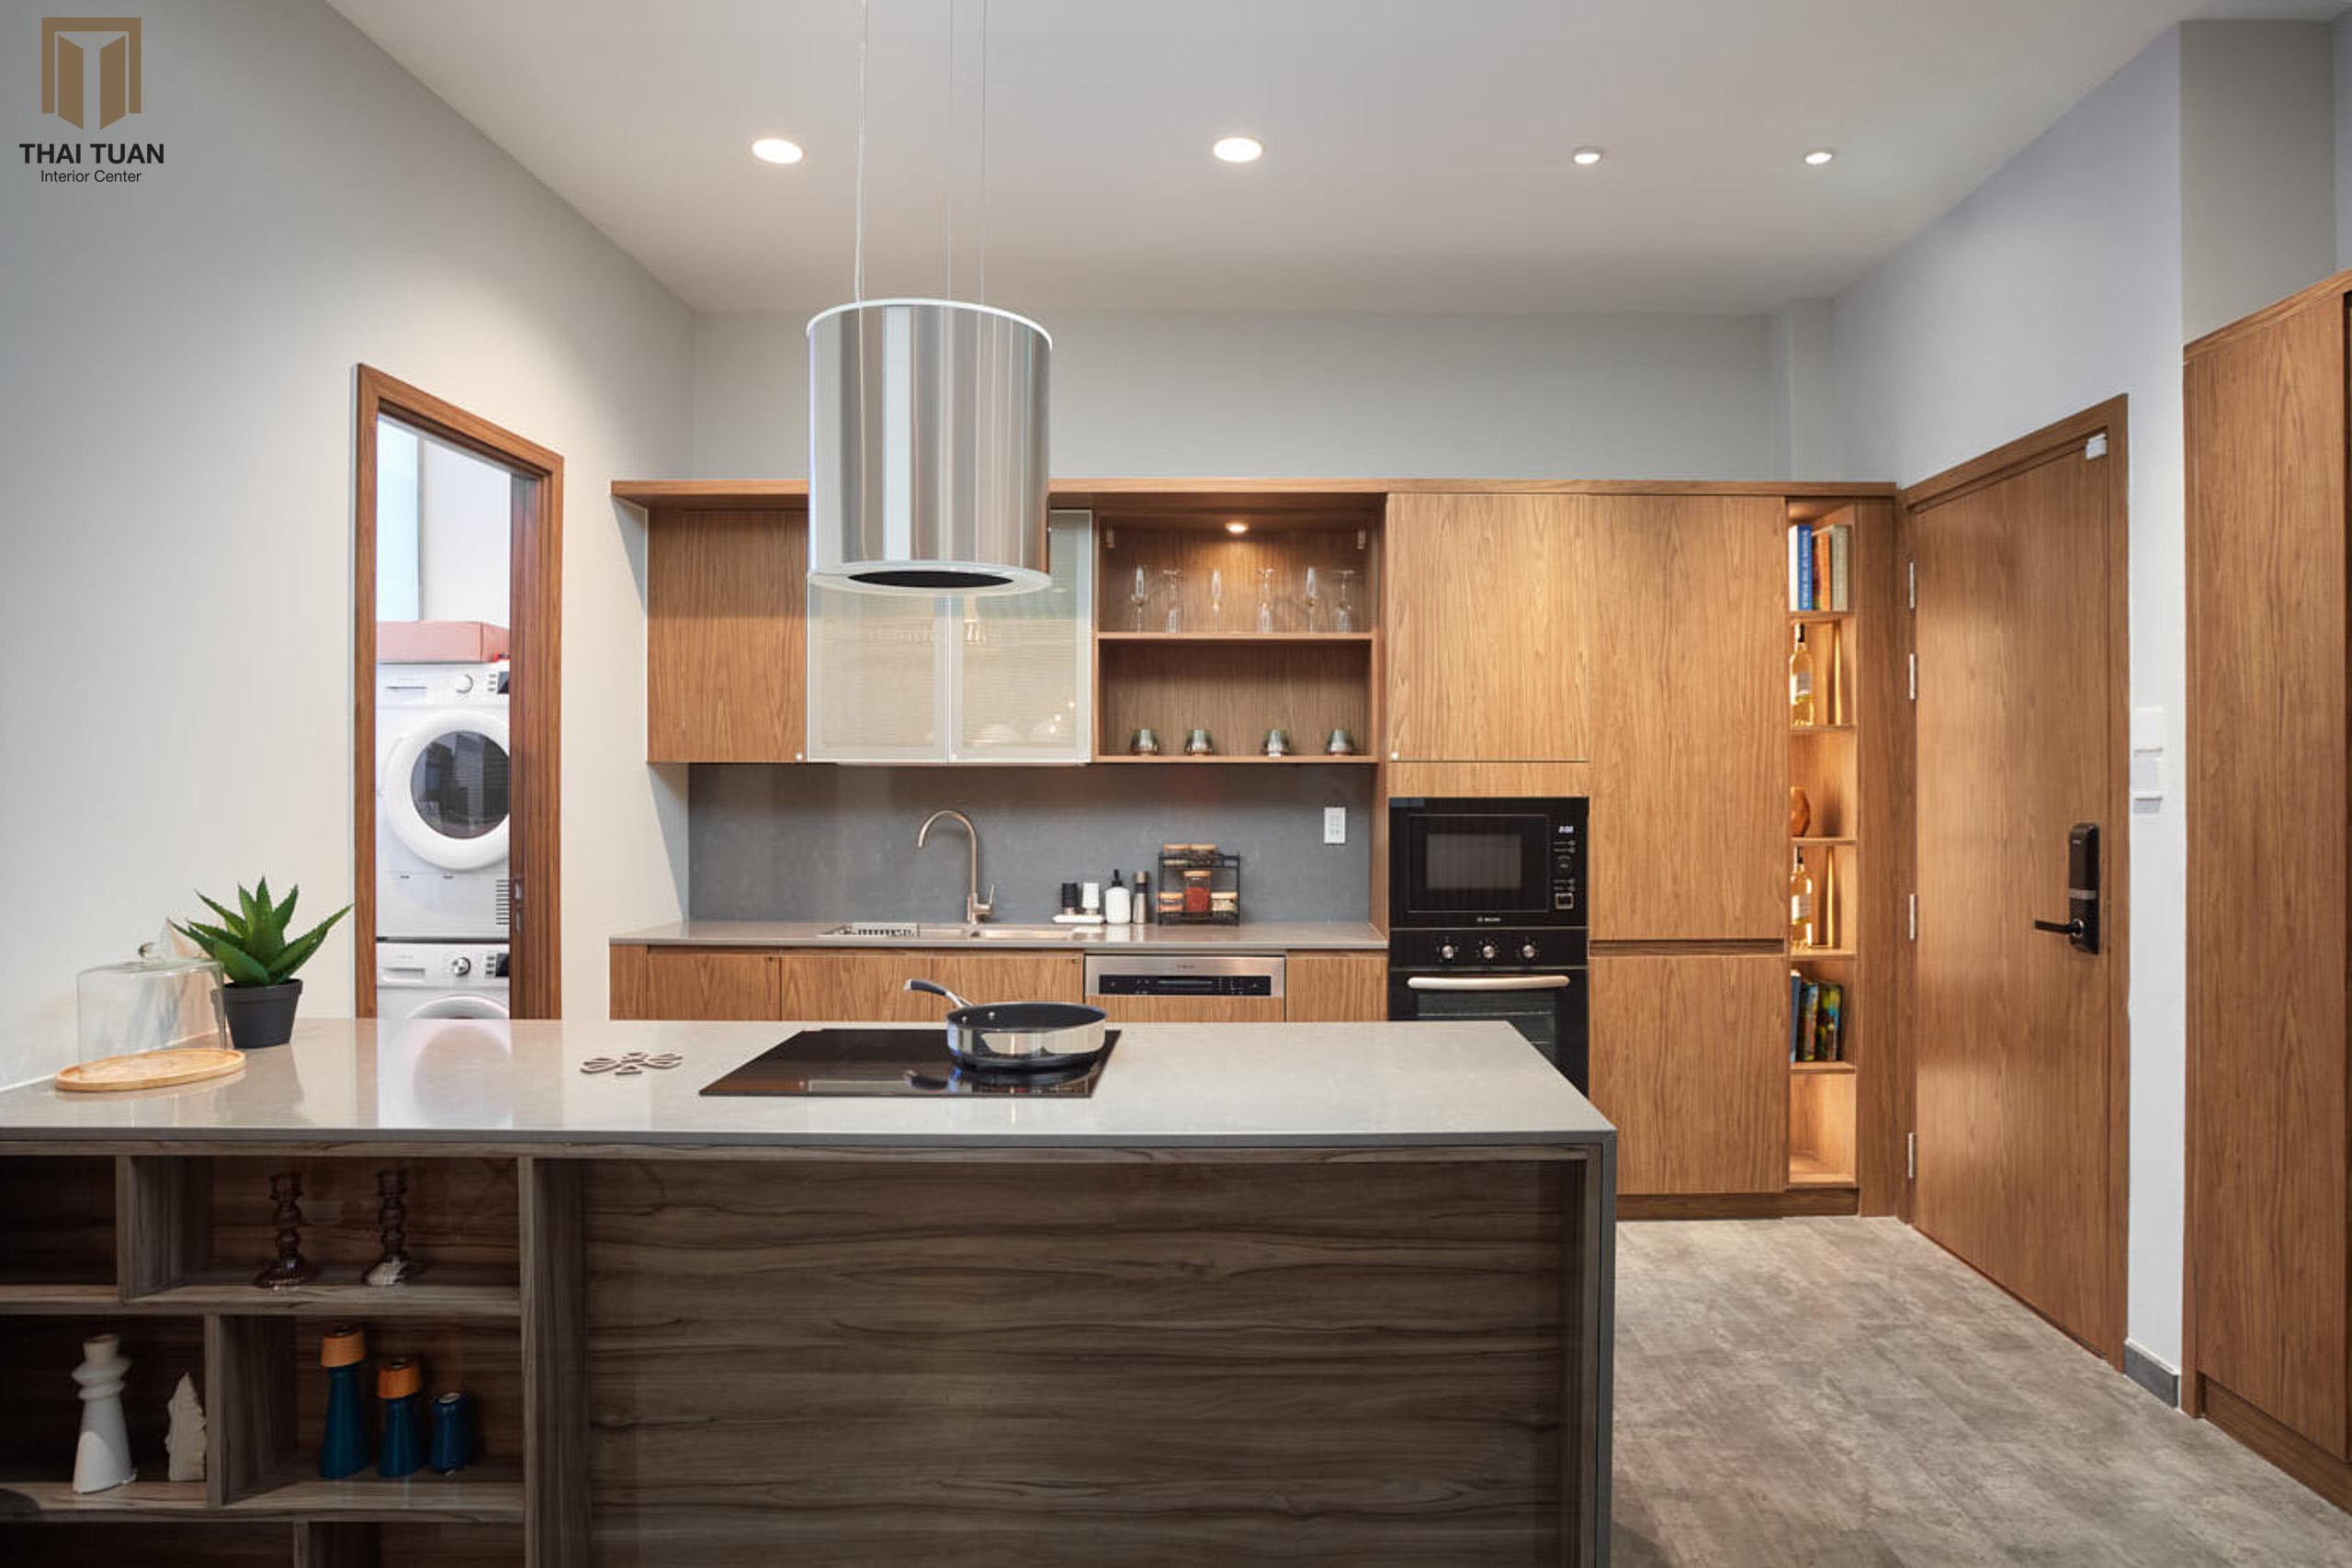 Hệ tủ bếp bề mặt gỗ công nghiệp tăng thêm sự sang trọng cho không gian